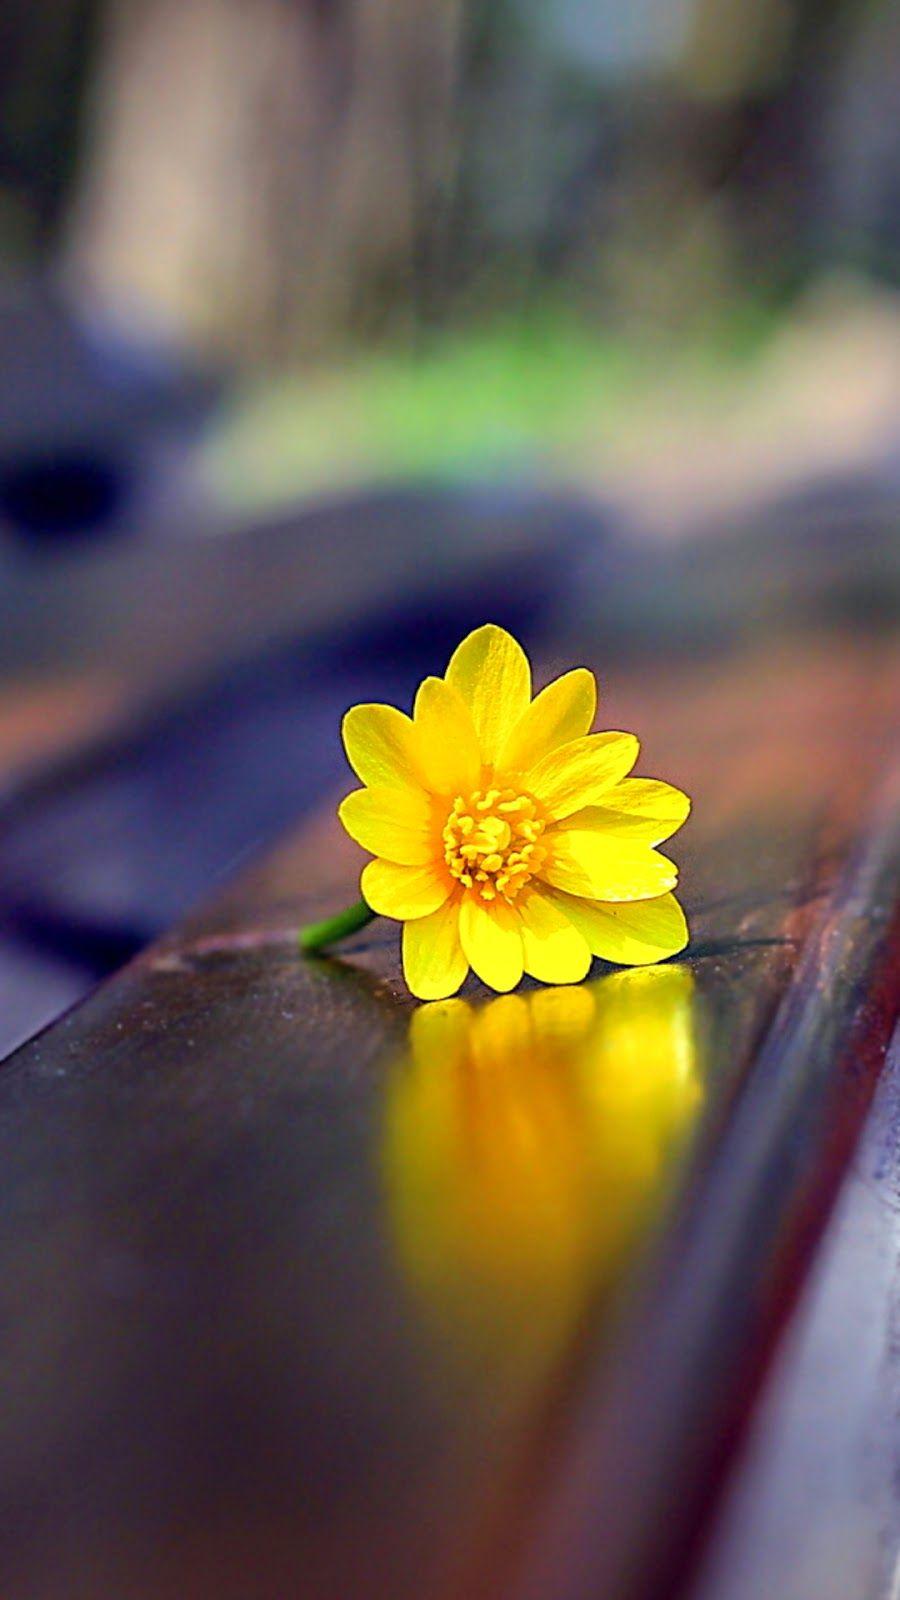 Papel De Parede Gratis Para Pc Yellow Flower On Bench Iphone Wallpaper Flores Fotografia Flores Bonitas Flores Amarelas